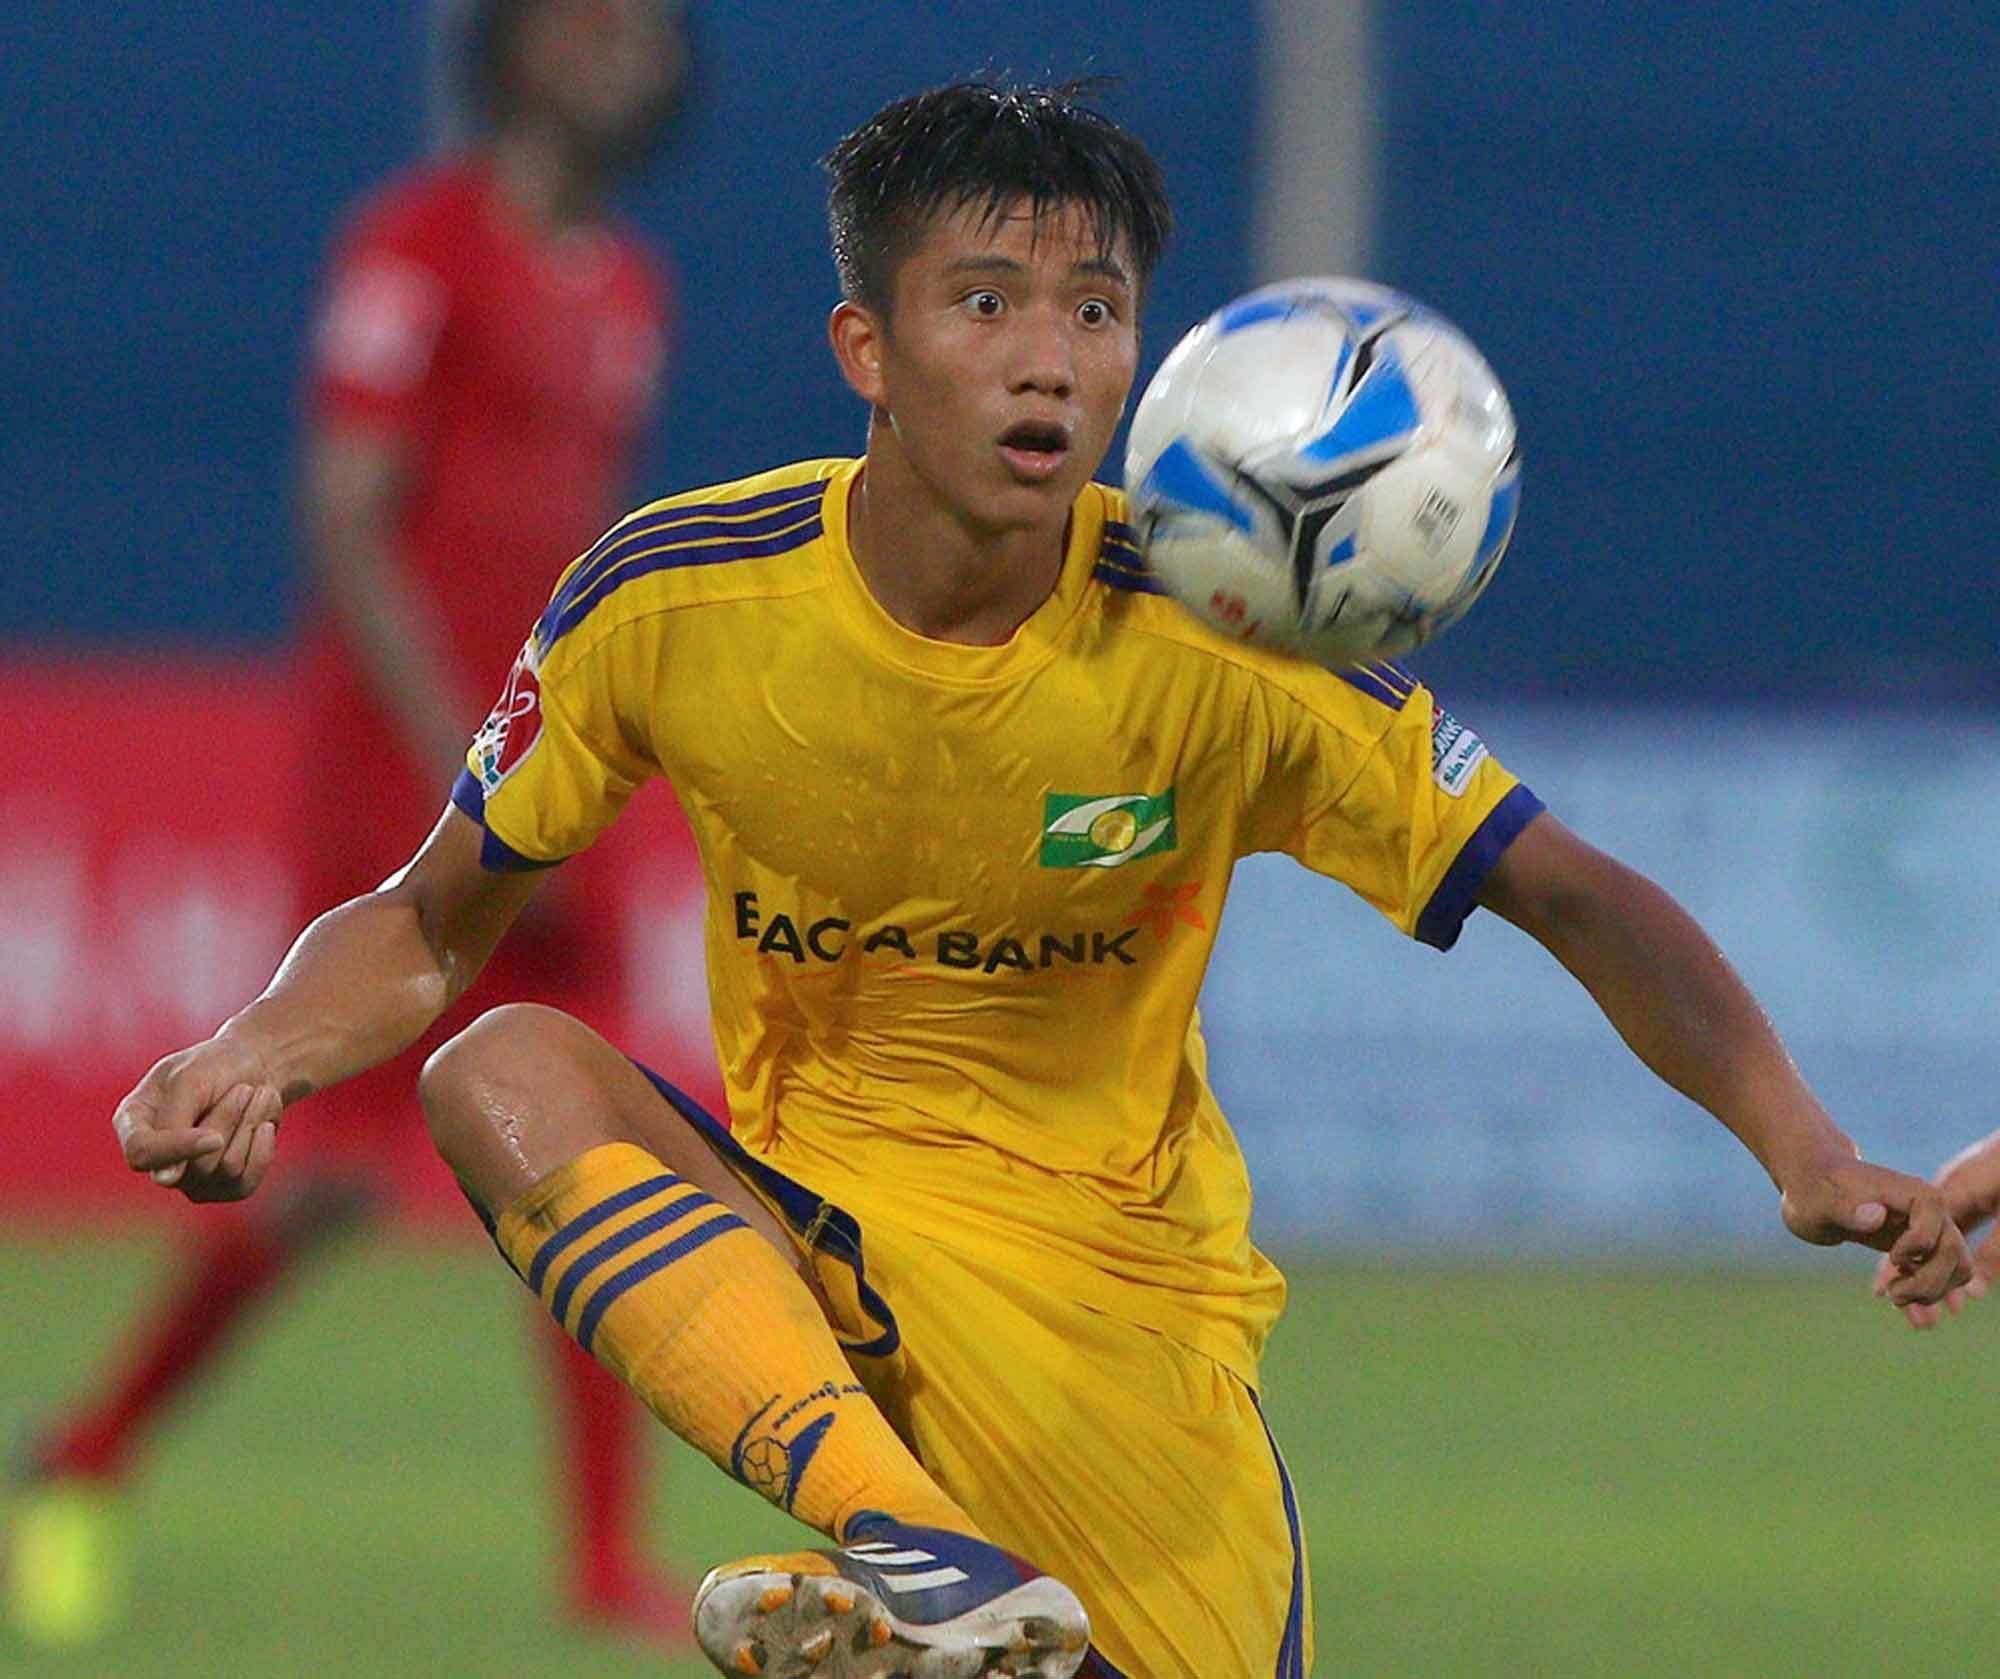 Gia cảnh khó khăn của các cầu thủ U23 khiến người hâm mộ thắt lòng